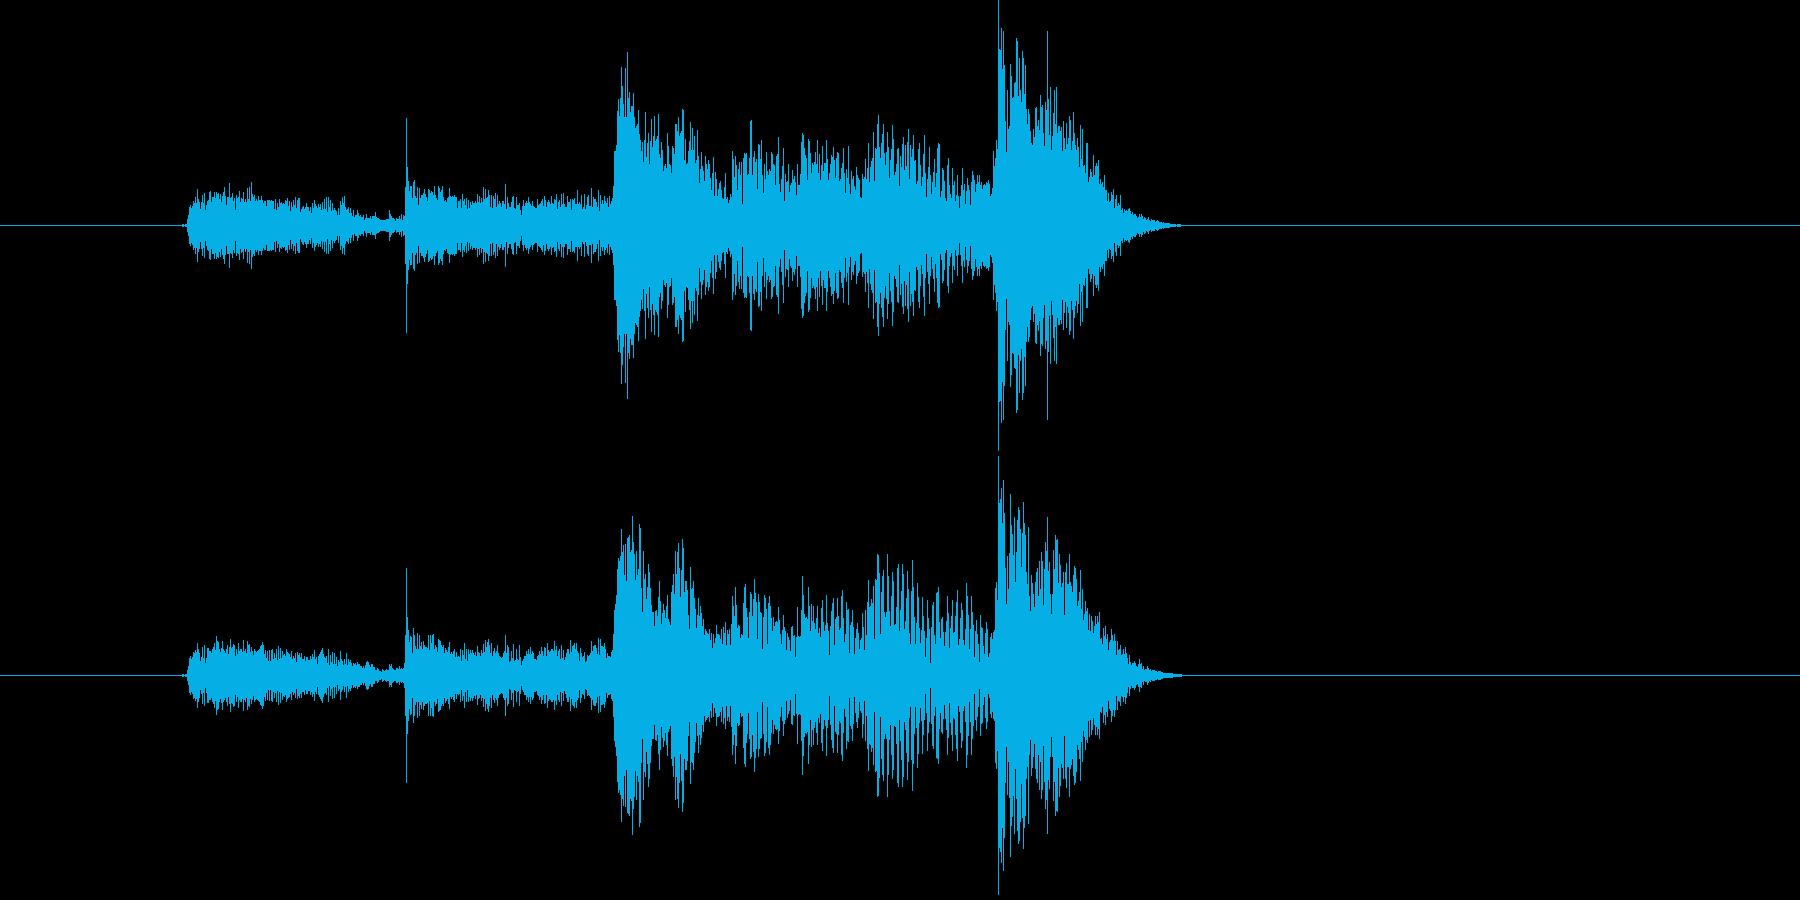 カウントするボイス音(バンド、短い)の再生済みの波形